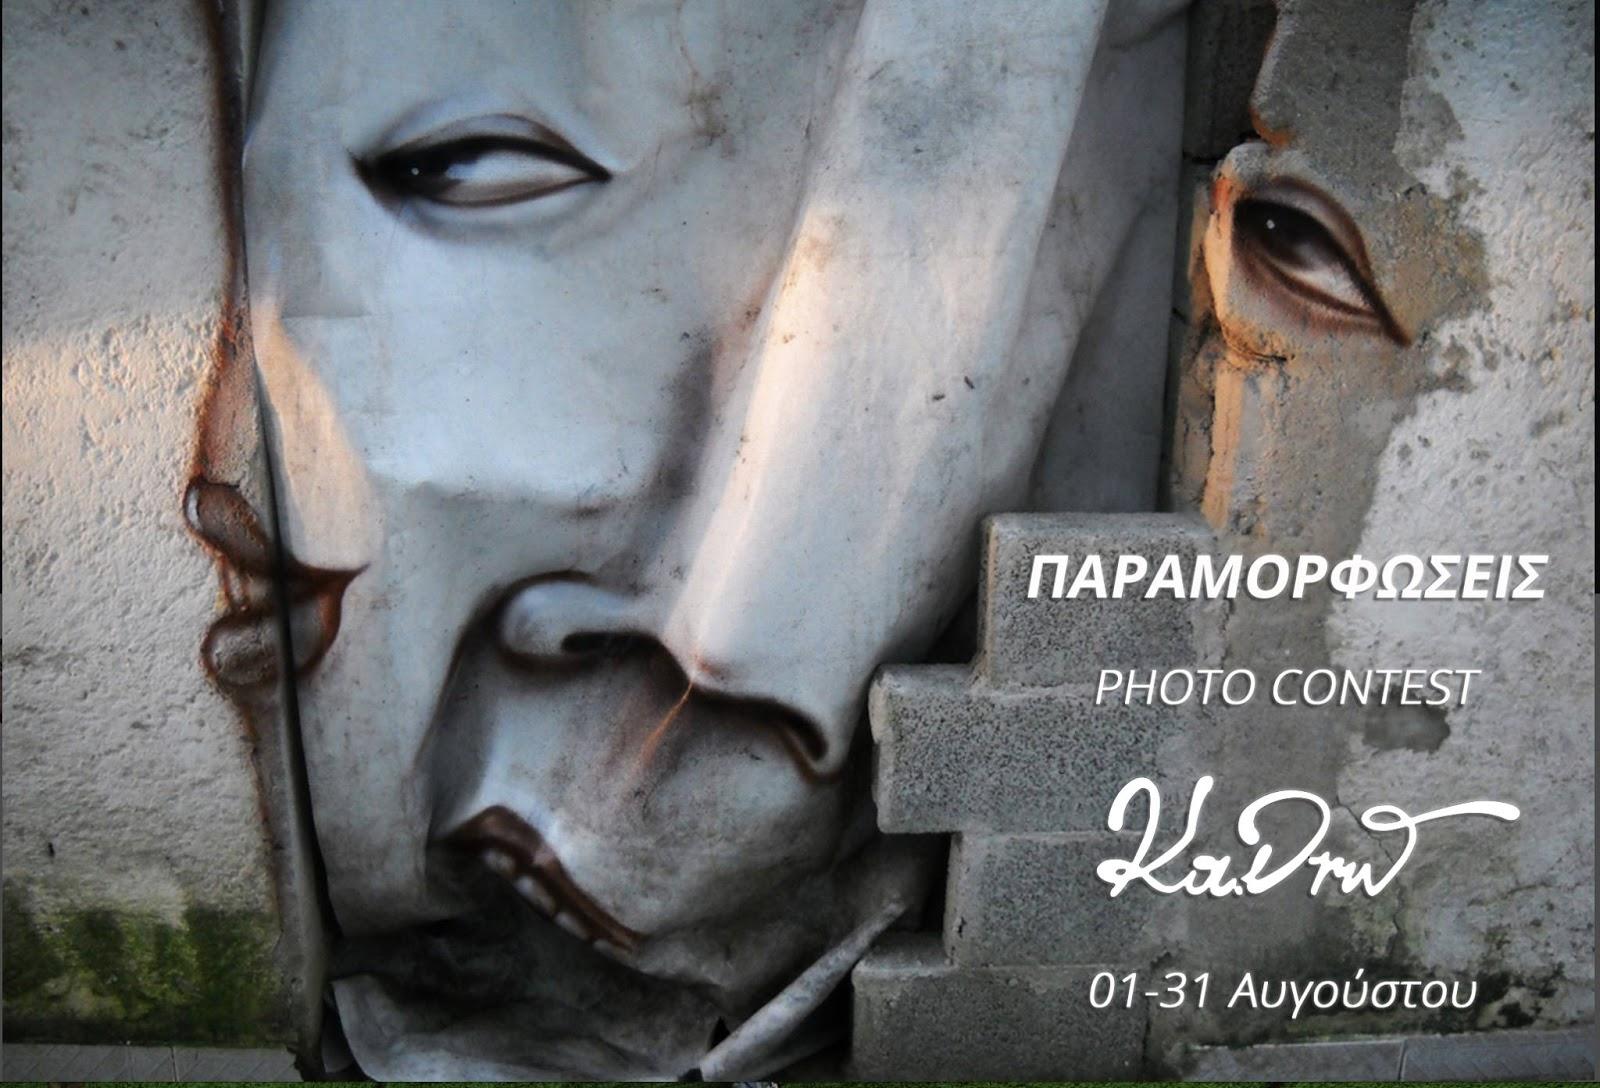 Σε εξέλιξη βρίσκεται ο ανοιχτός διαγωνισμός φωτογραφίας απο τη Φωτογραφική Ομάδα Φιλιππιάδας Κα.Δρώ!